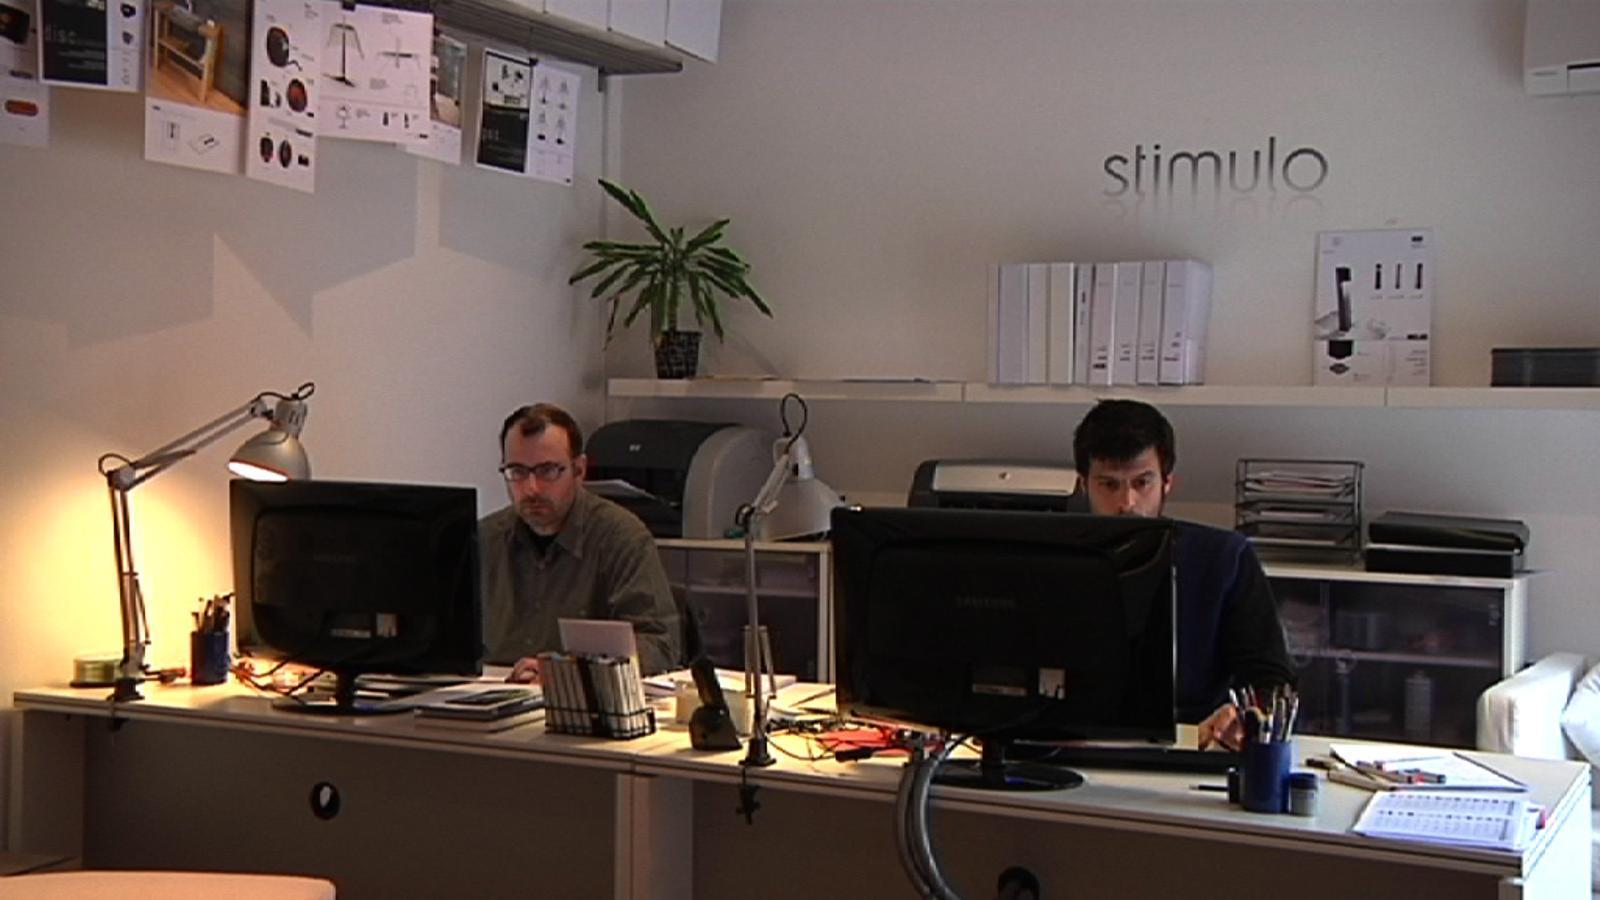 ARA Emprèn: Avui coneixerem l'agència de disseny Stimulo